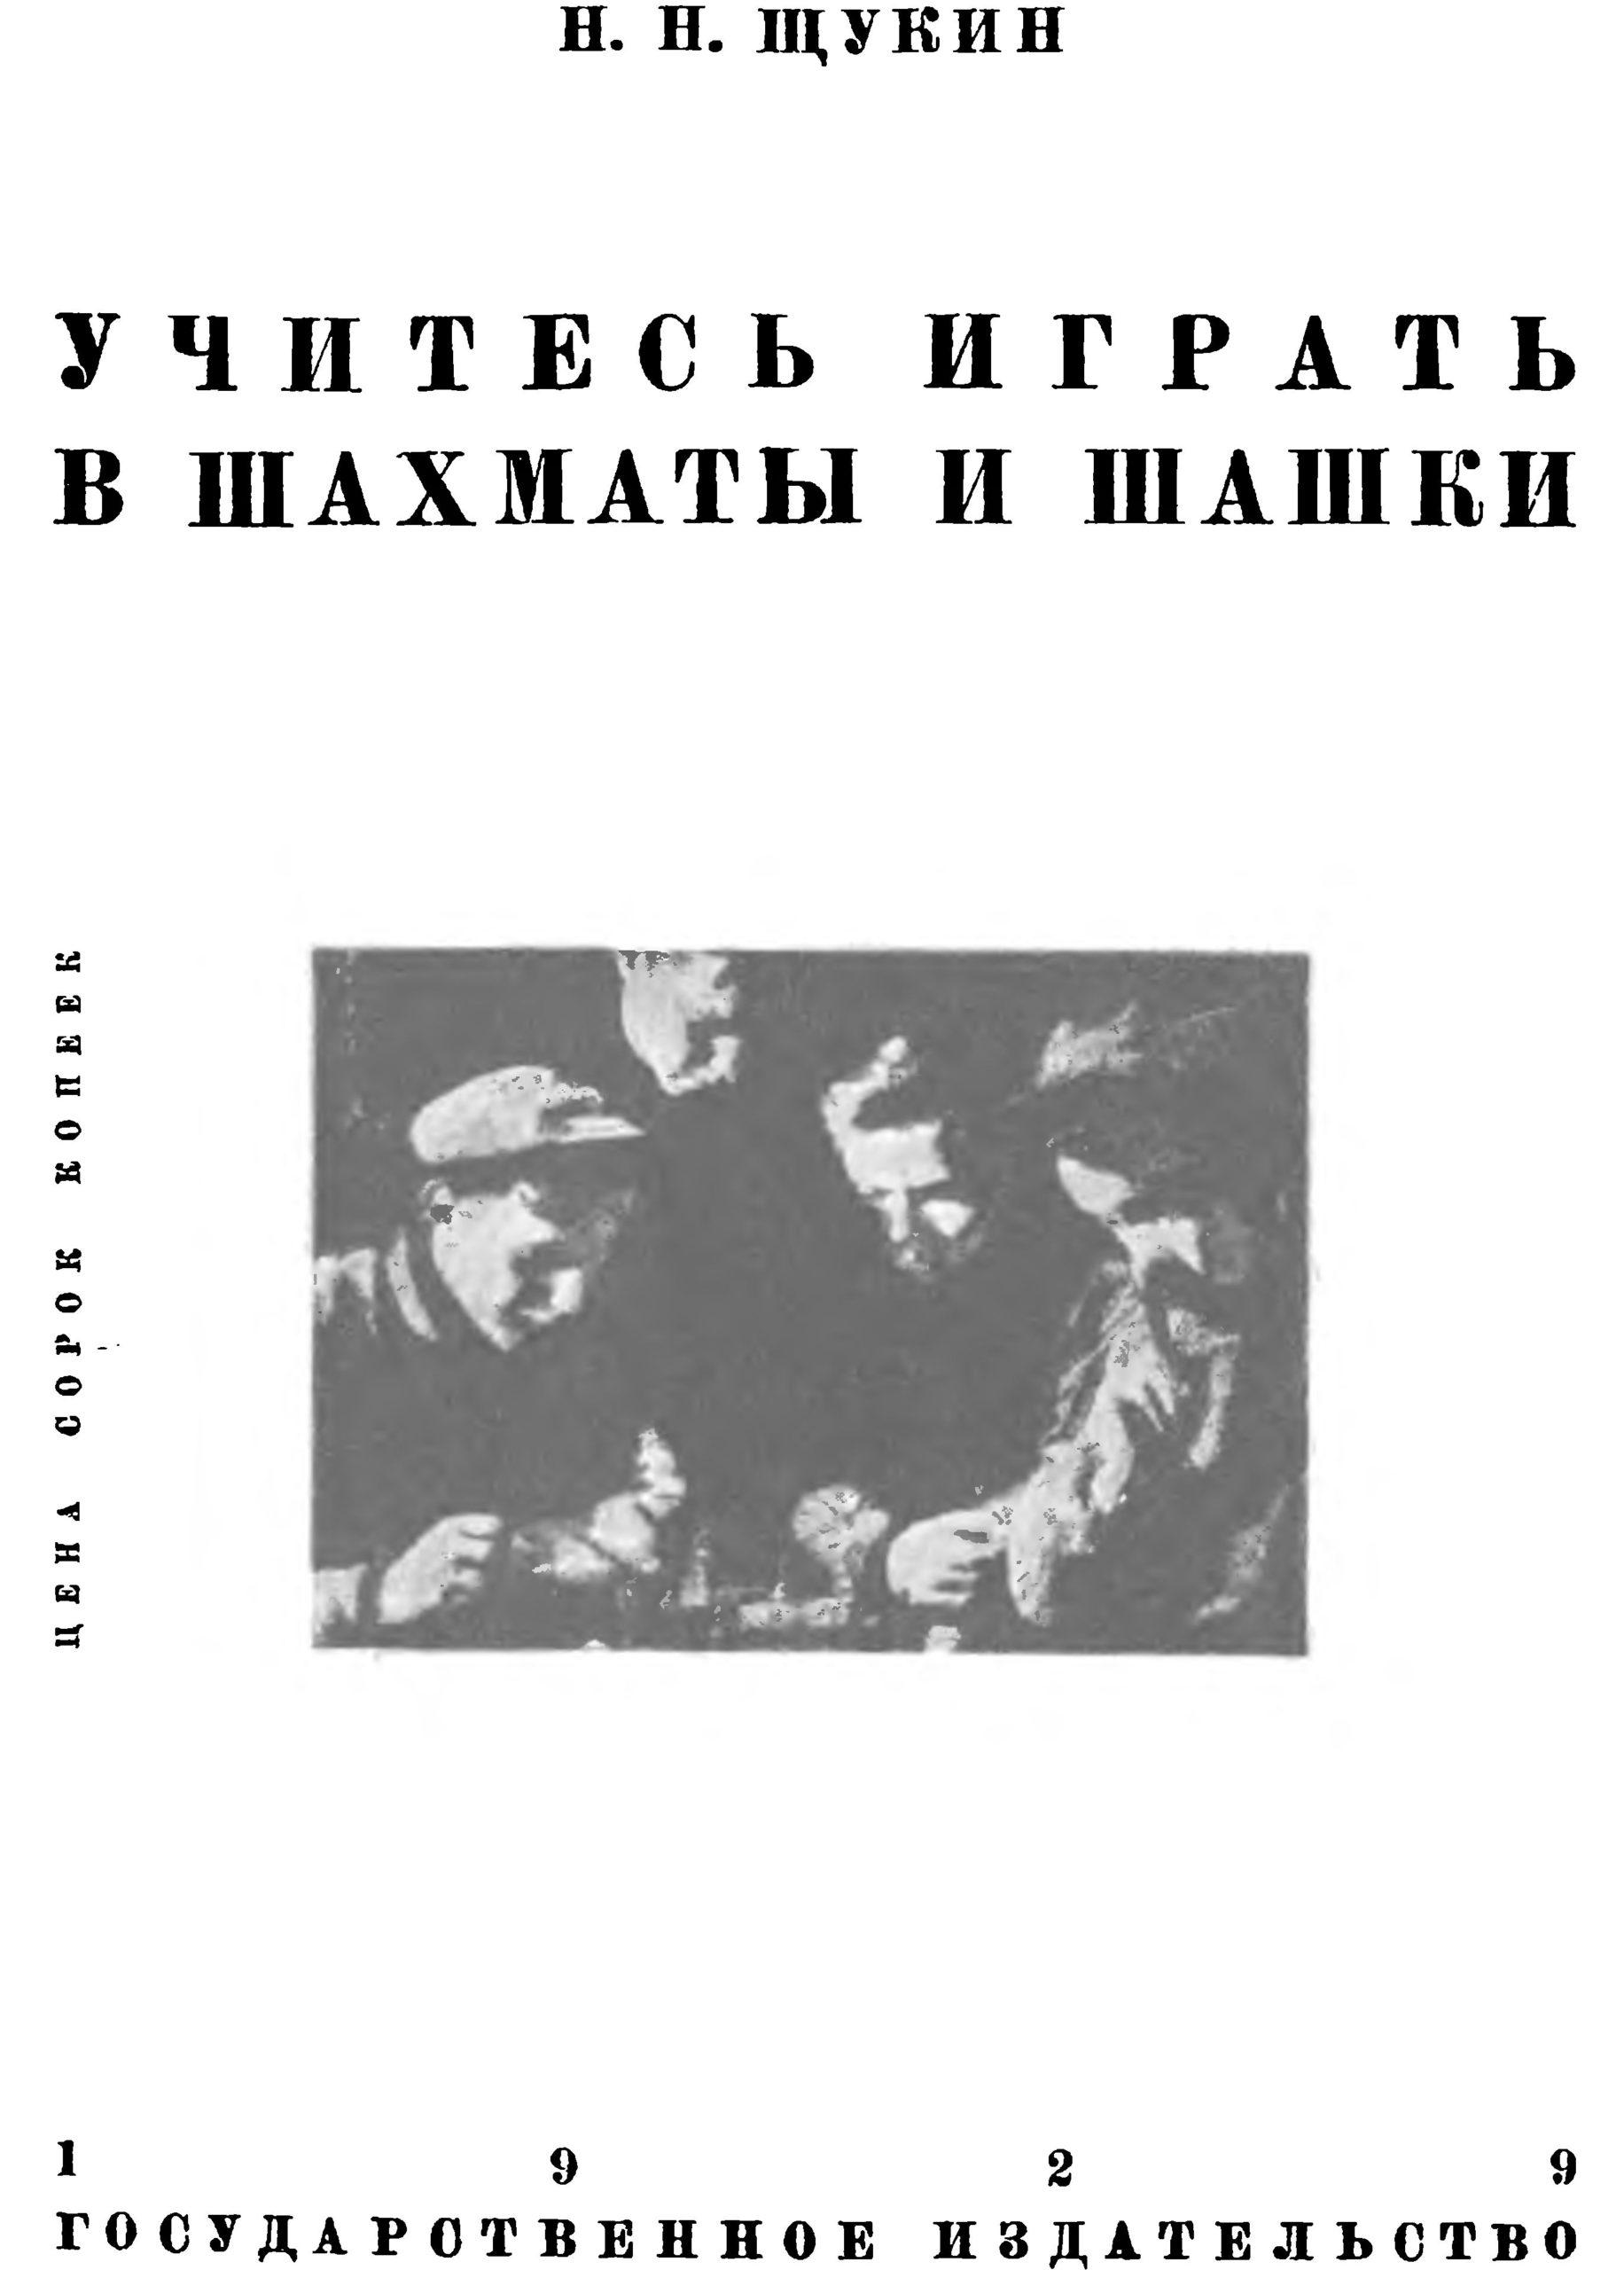 Щукин - Учитесь играть в шахматы и шашки - 1929